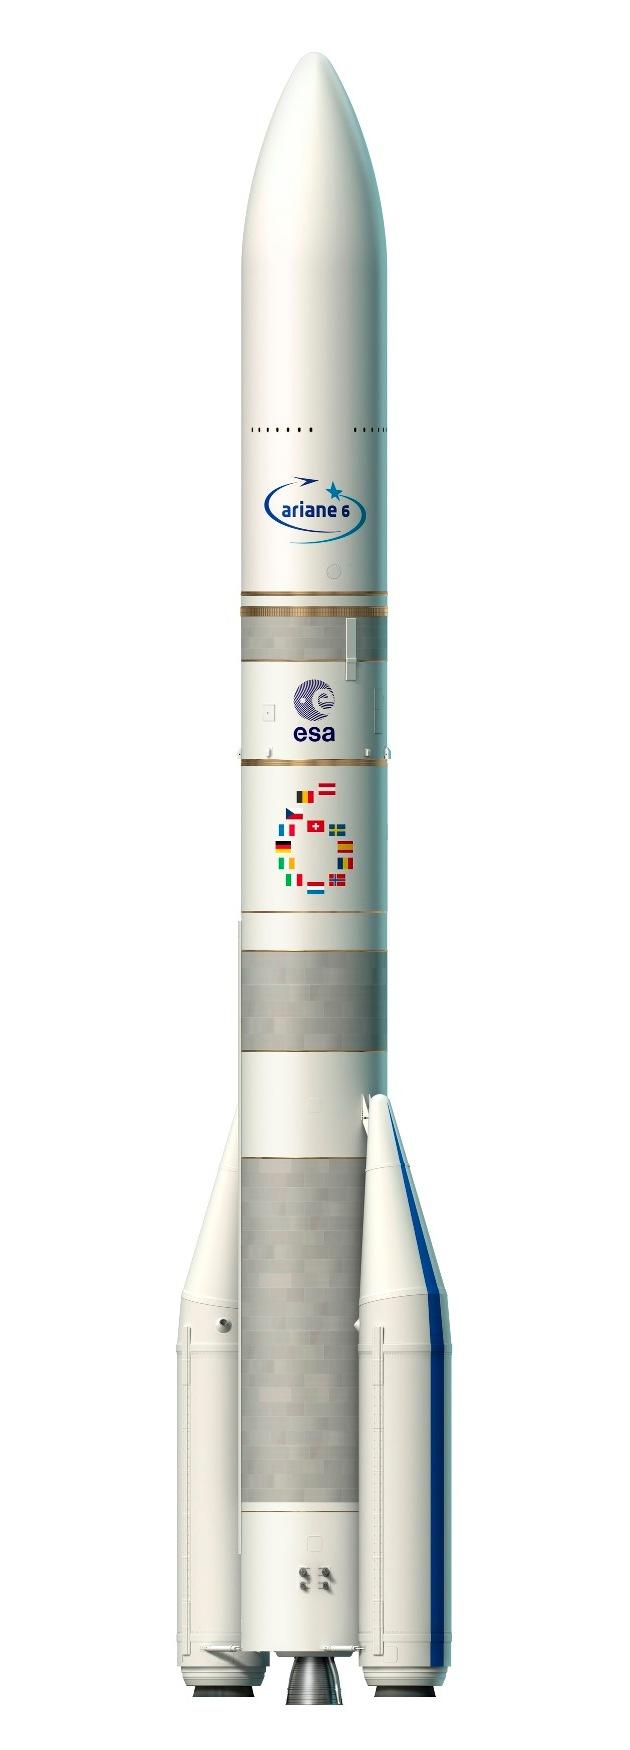 Künstlerische Darstellung einer Ariane 6 Rakete mit zwei Boostern  (c) ESA–David Ducros